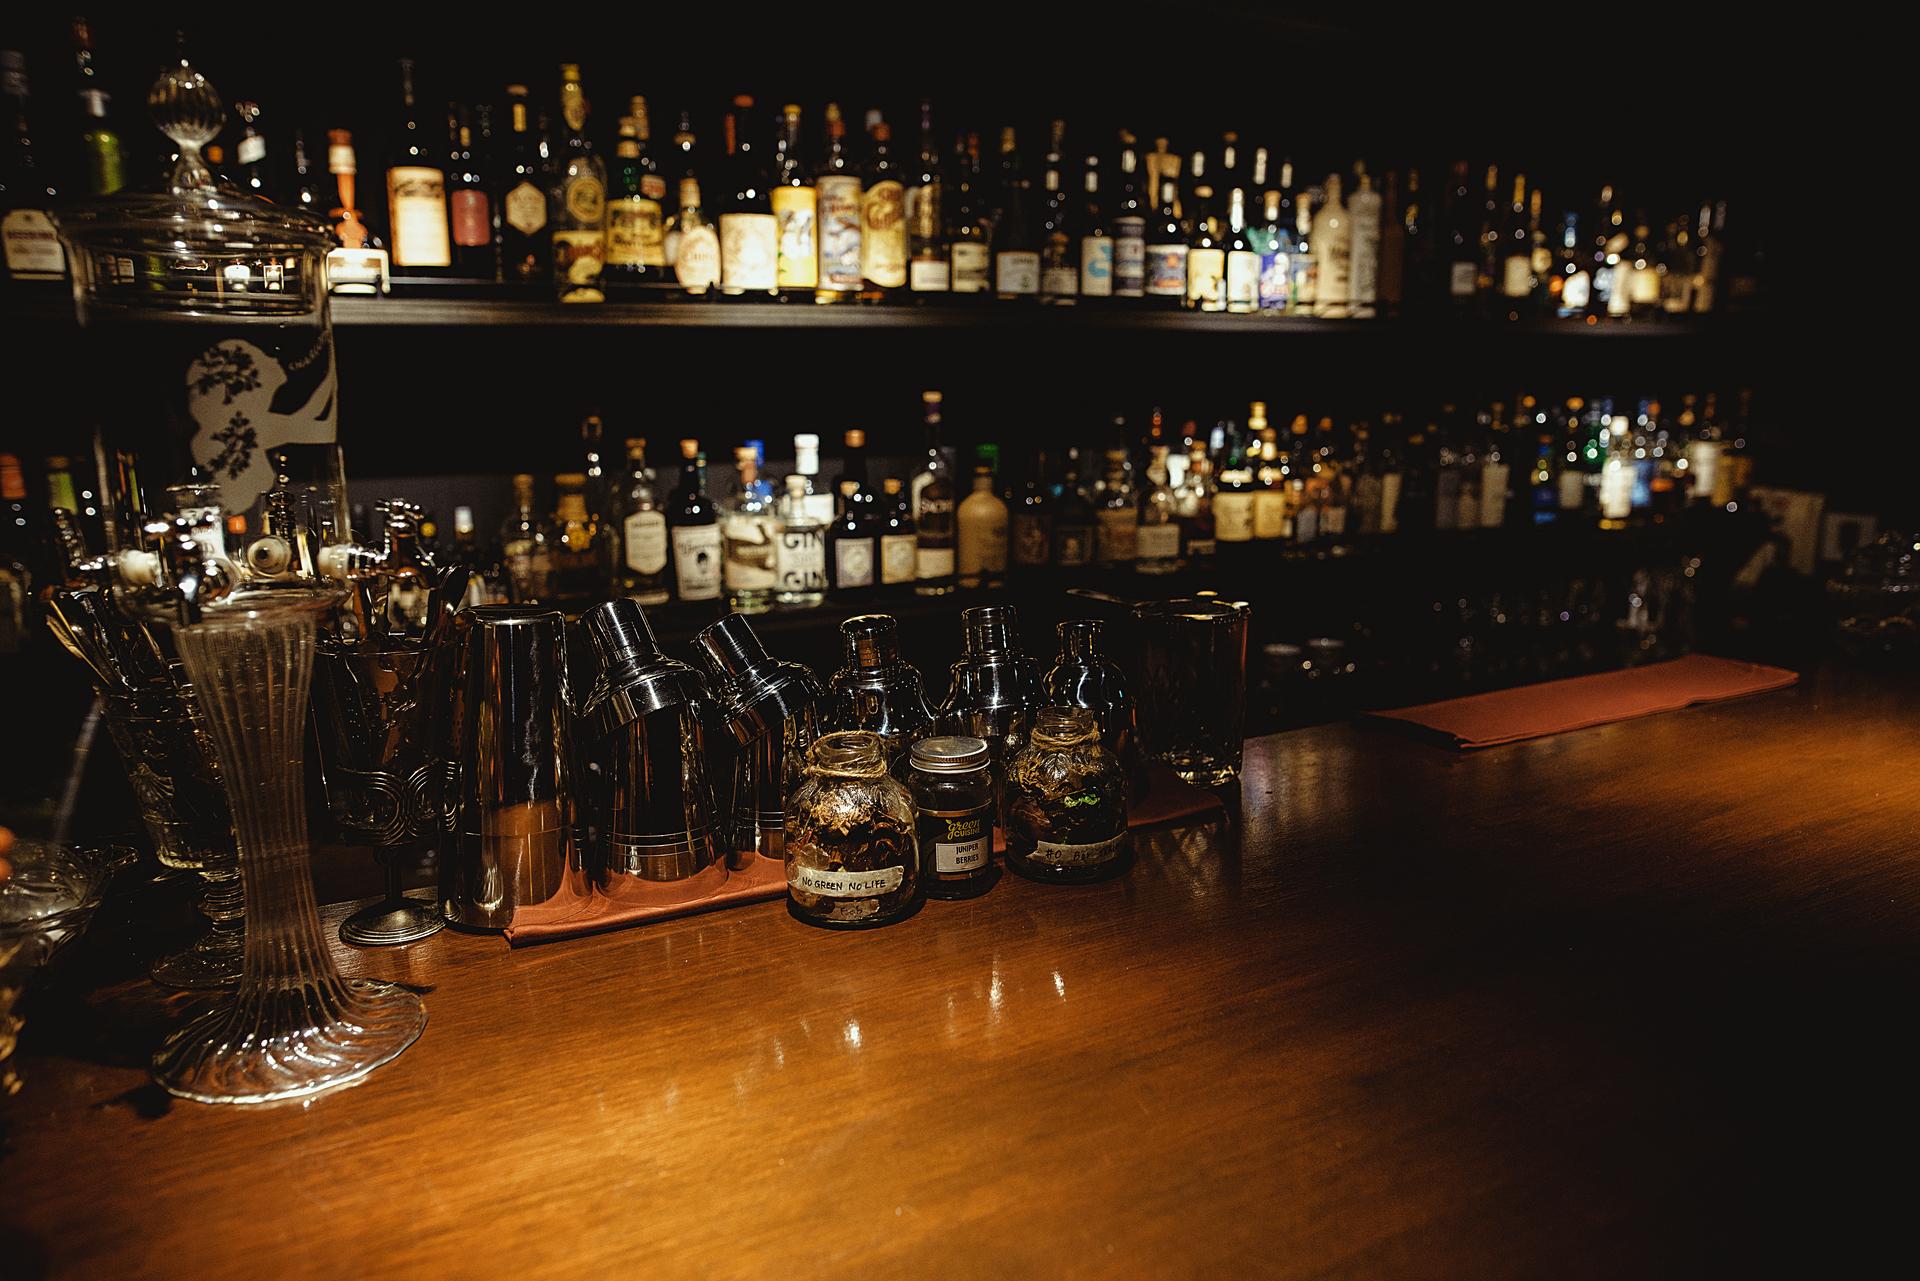 bar-trauma-counter.jpg